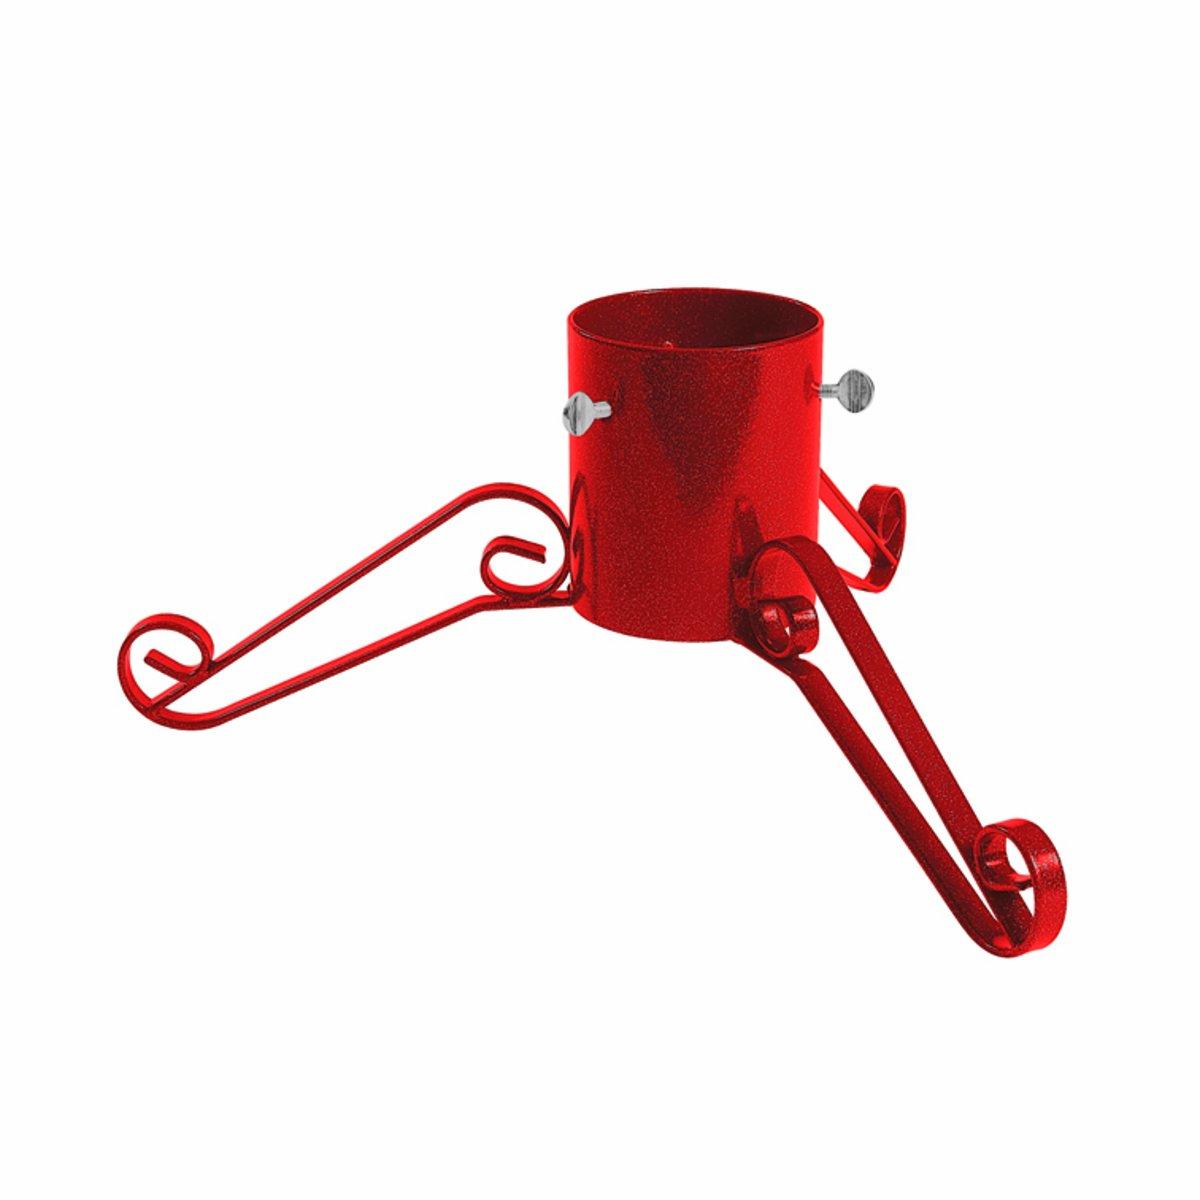 Piede di appoggio Albero di Natale Scintillante 12,5 Centimetri Nero Bosmere Products Ltd G462